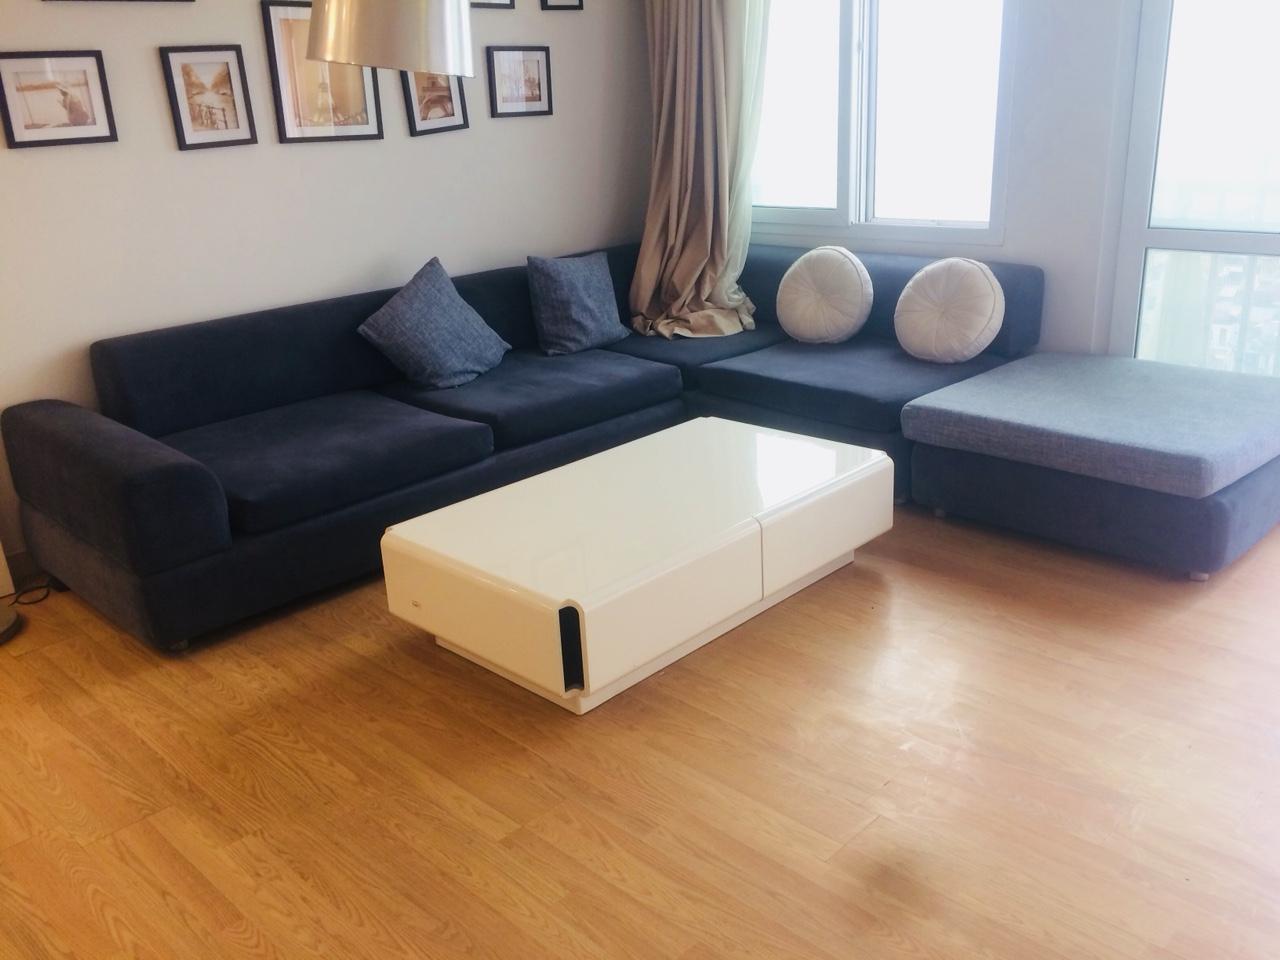 Cho thuê căn hộ Ciputra 2 phòng ngủ rộng